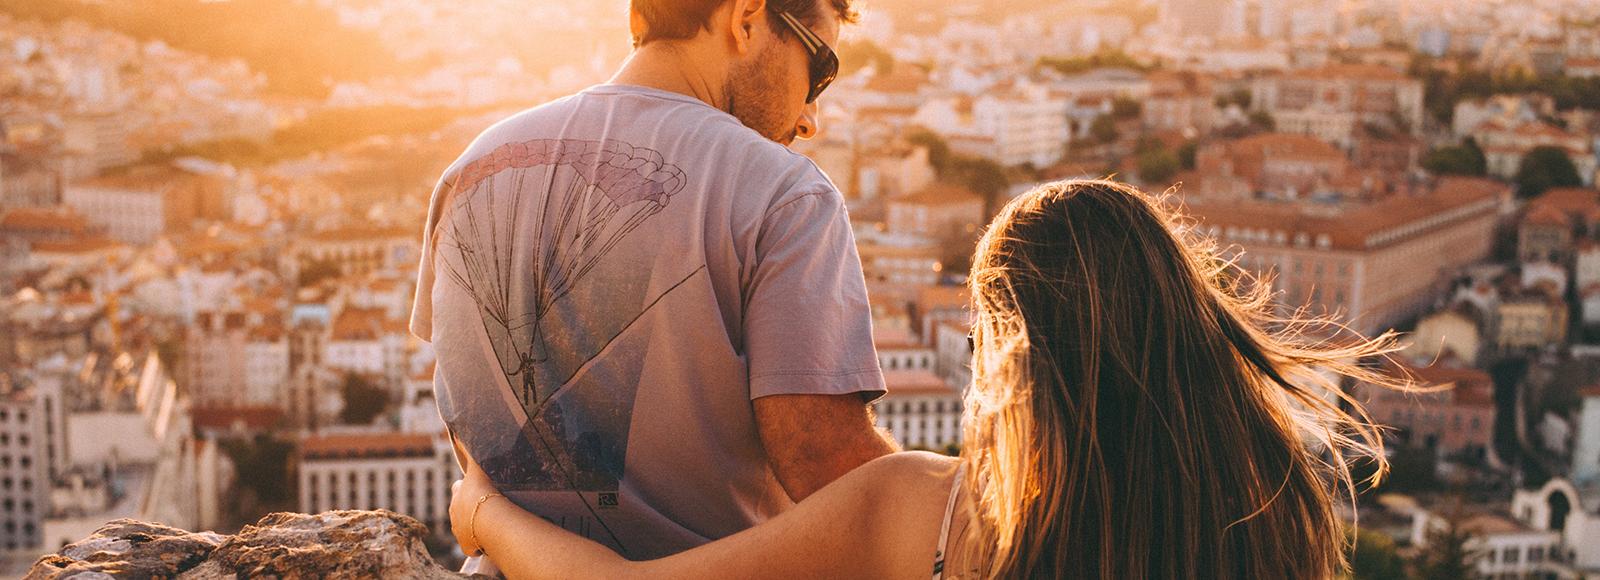 Romantisch Reisen zum Valentinstag - checkfelix blog